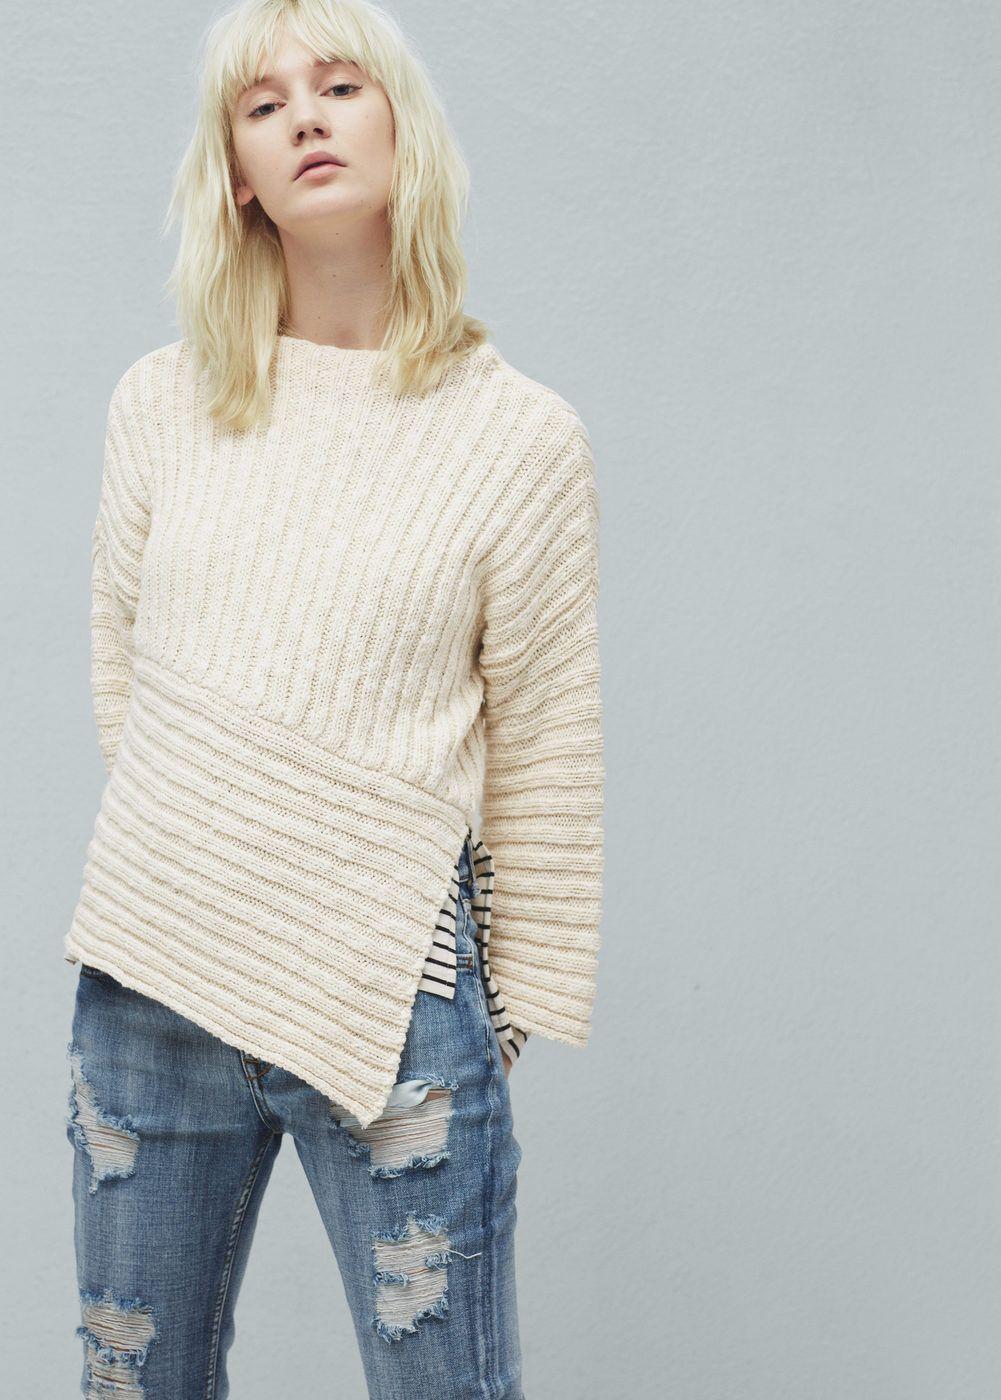 Camisola algodão canelada -  Mulher | MANGO